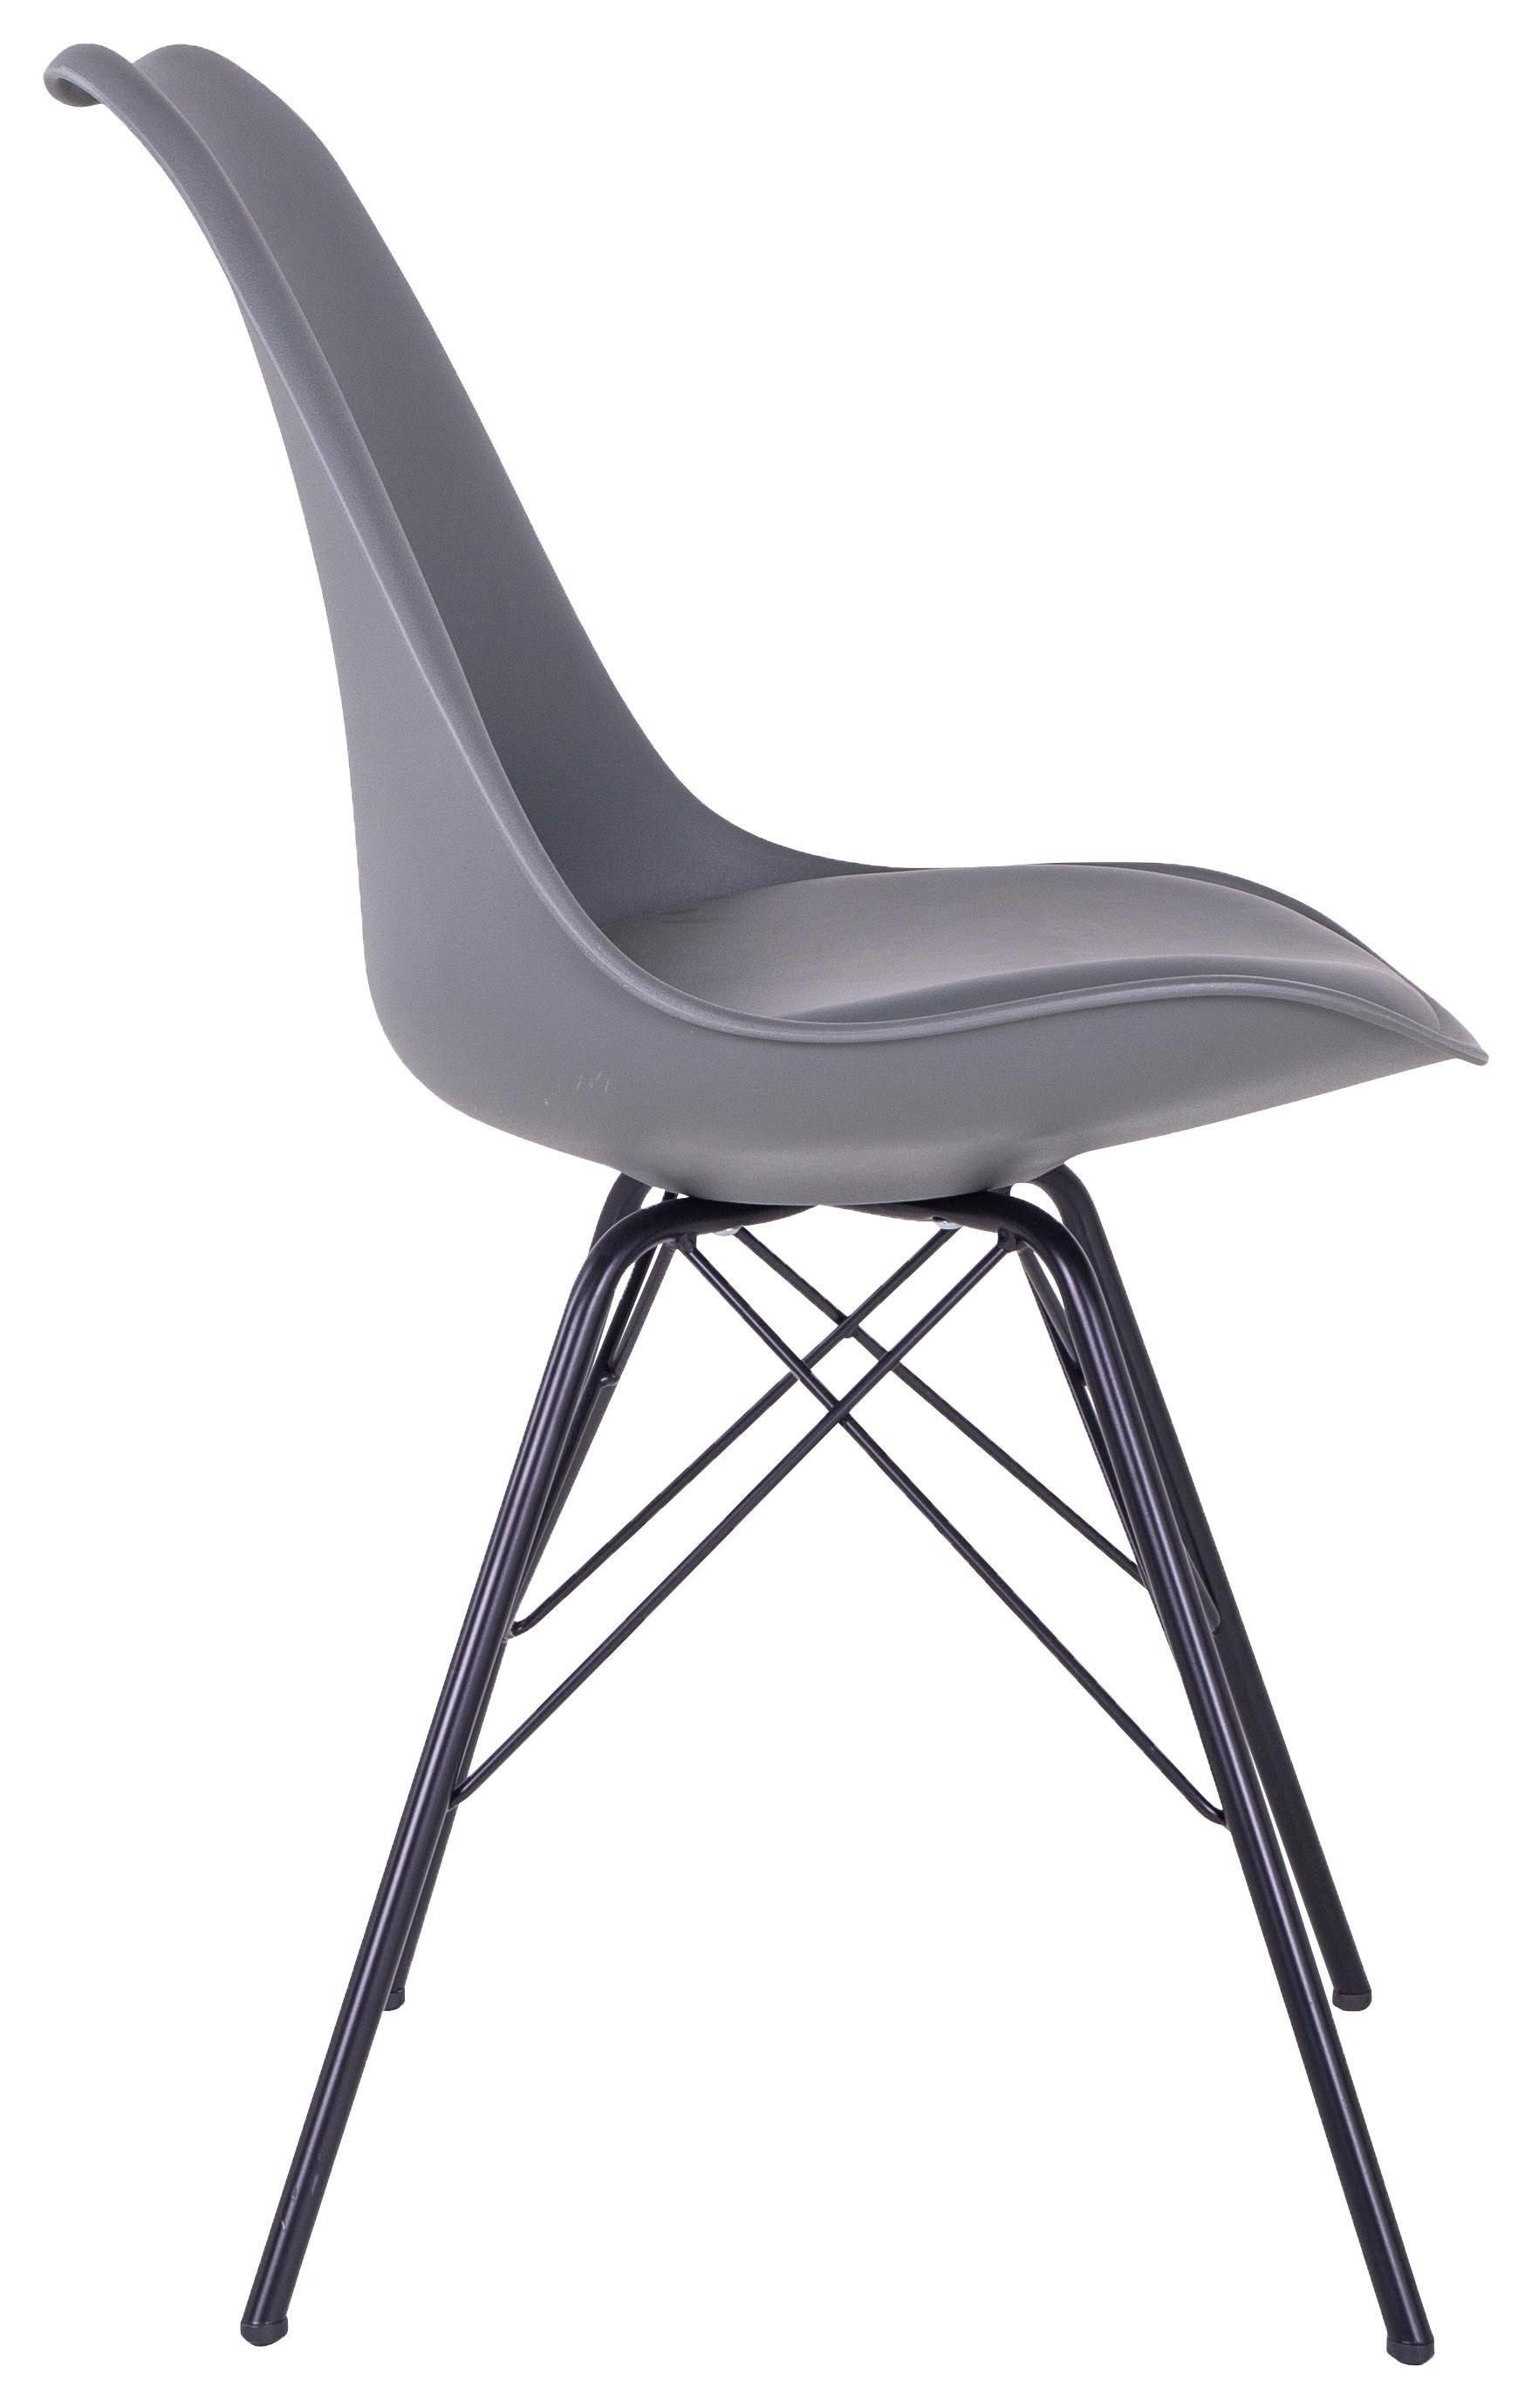 Modern Esszimmerstuhl weiß stuhl Chrom Beine Kunststoff ABS armlehnen 15Euro